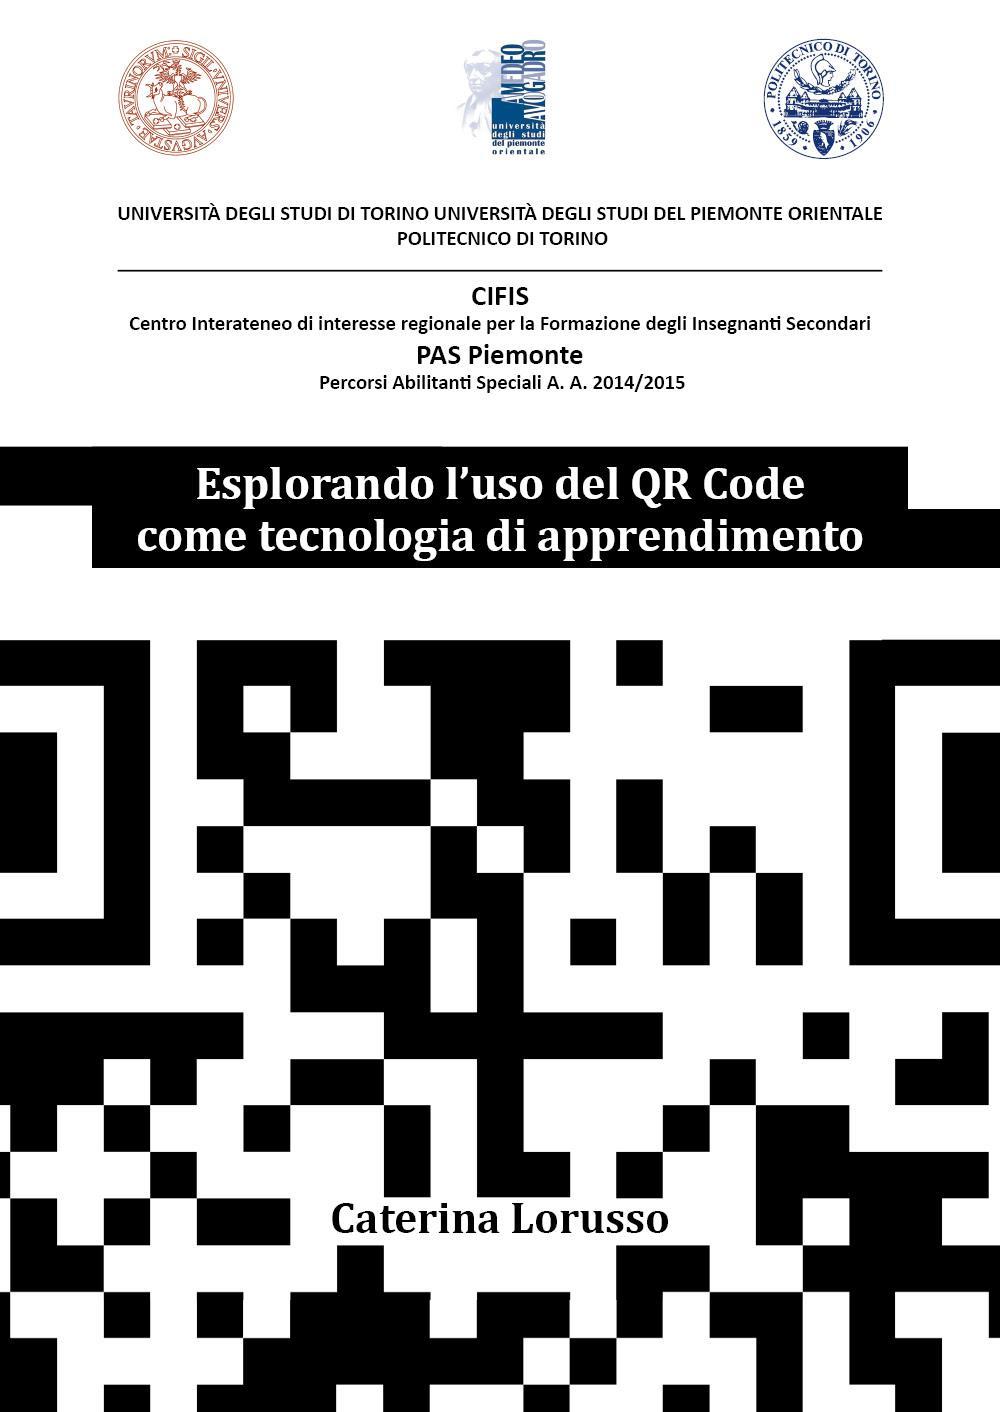 Esplorando l'uso del QR Code come tecnologia di apprendimento